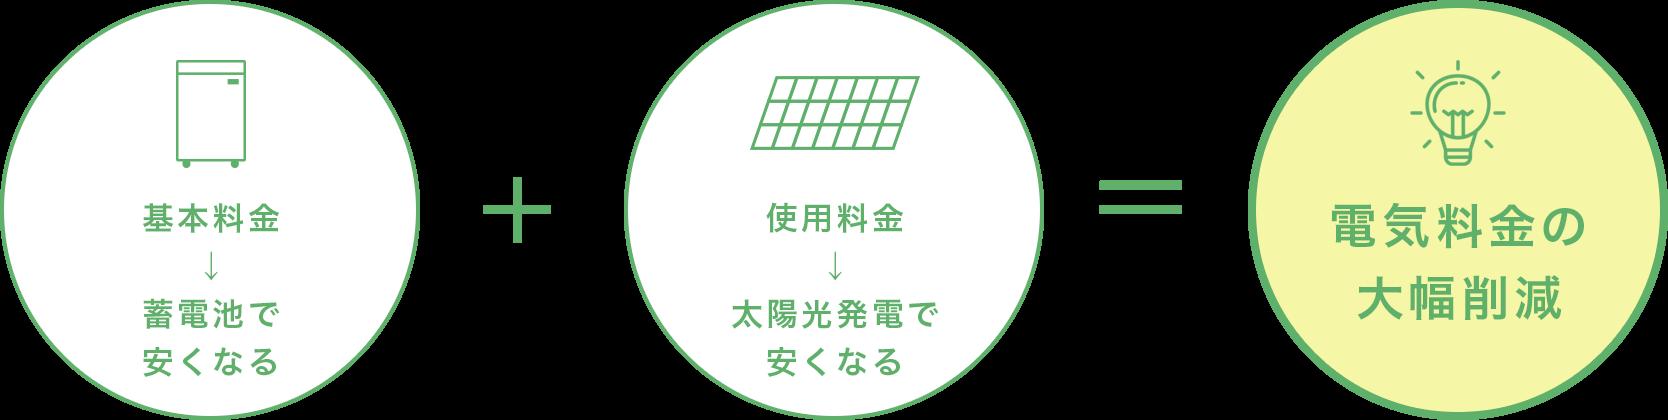 基本料金→蓄電池で安くなる 使用料金→太陽光発電で安くなる 電気料金の大幅削減